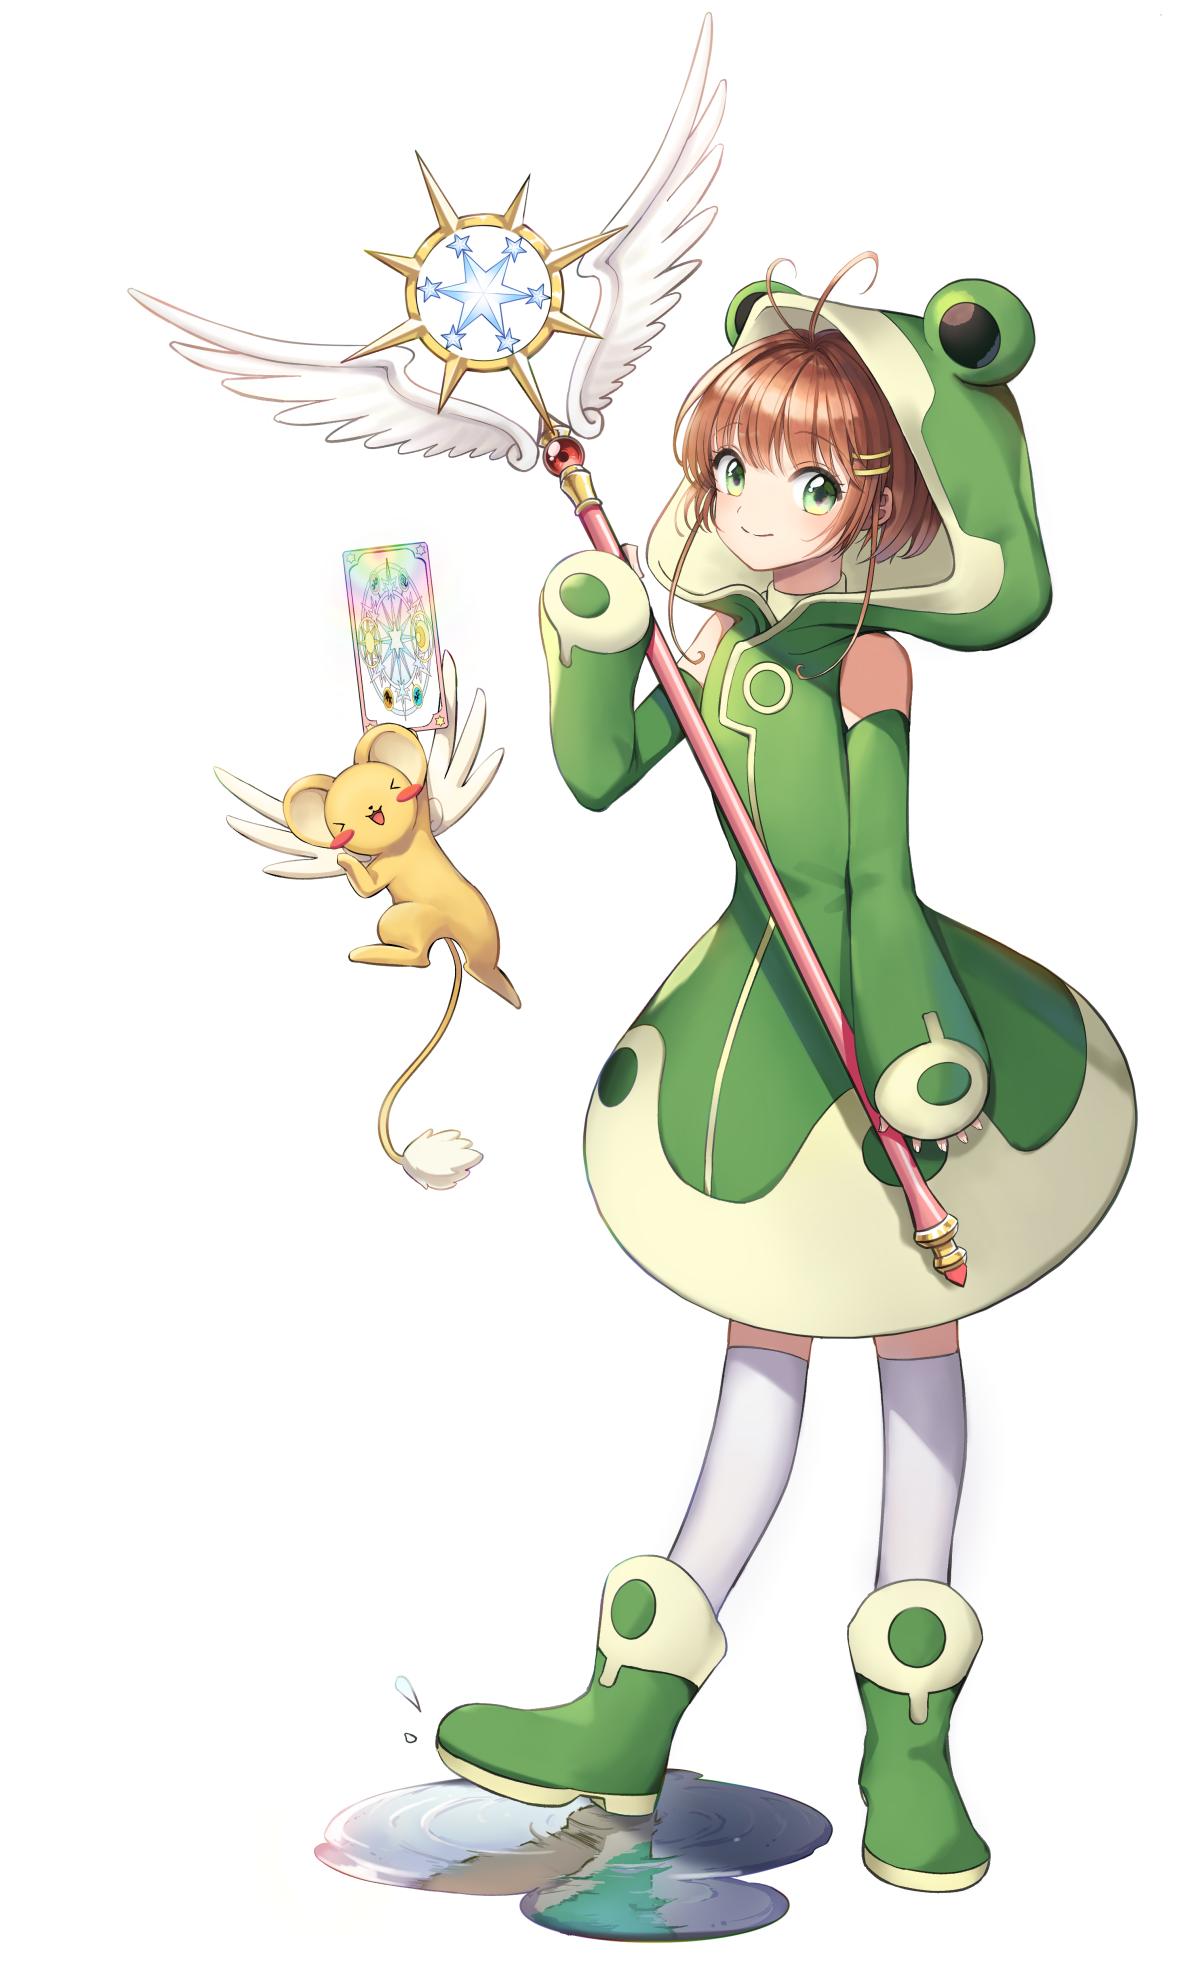 2018 01 18 945853 Png 1 188 1 980 Pixels Anime Cardcaptor Sakura Hoa Anh đao